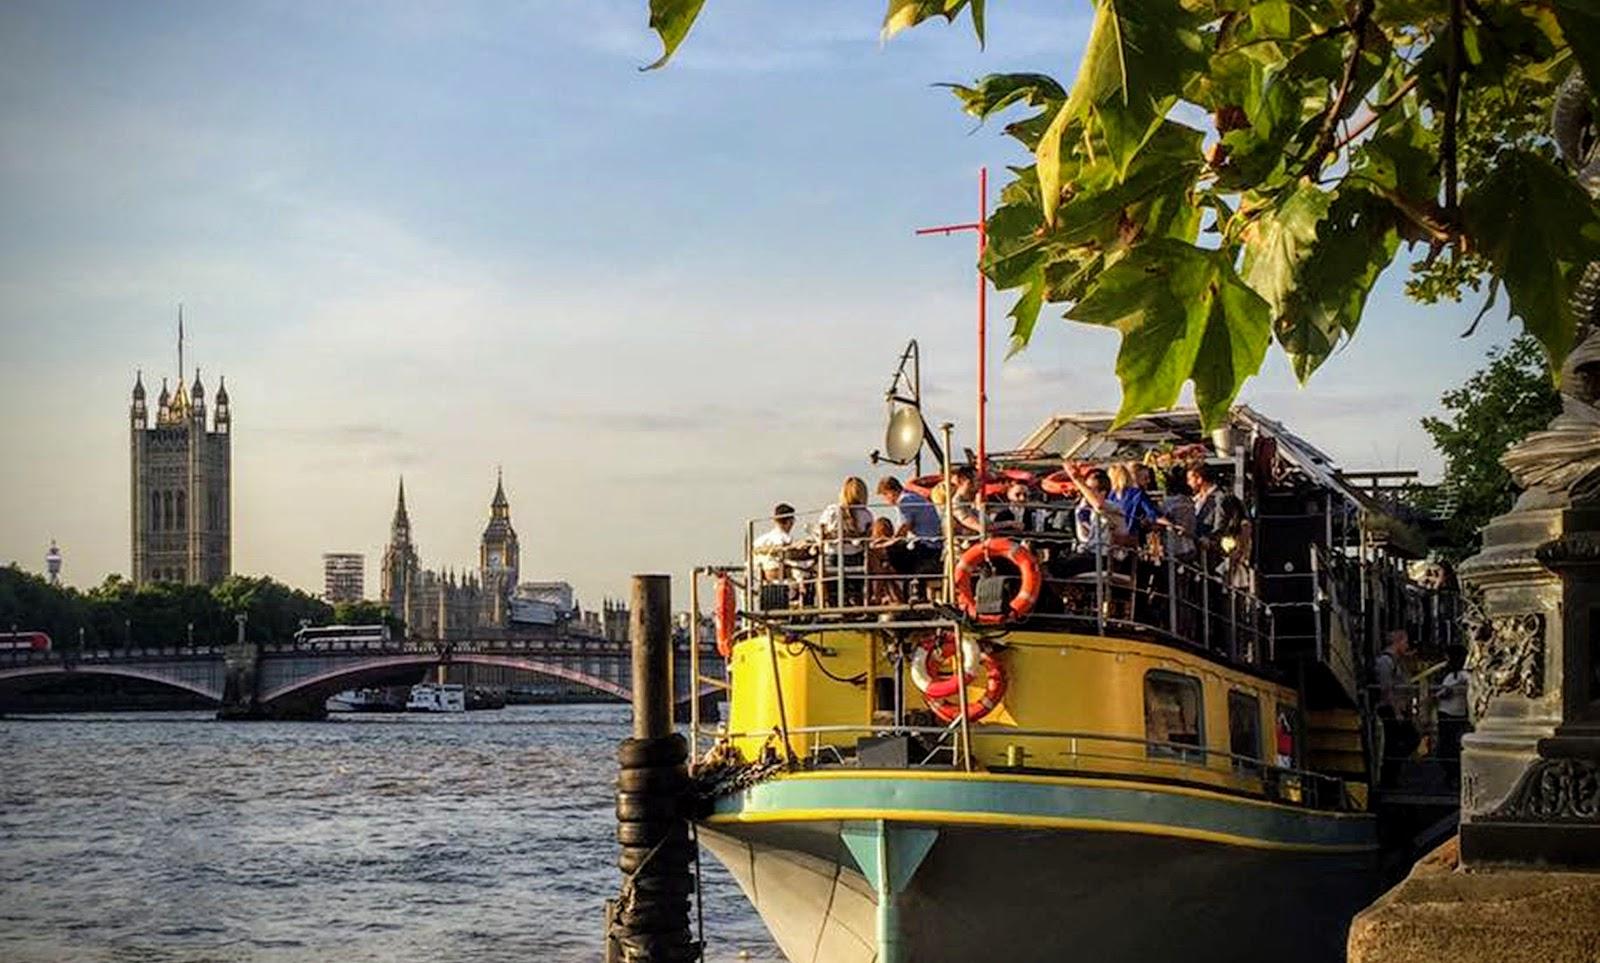 Tamesis Dock Boat Party, Albert Embankment